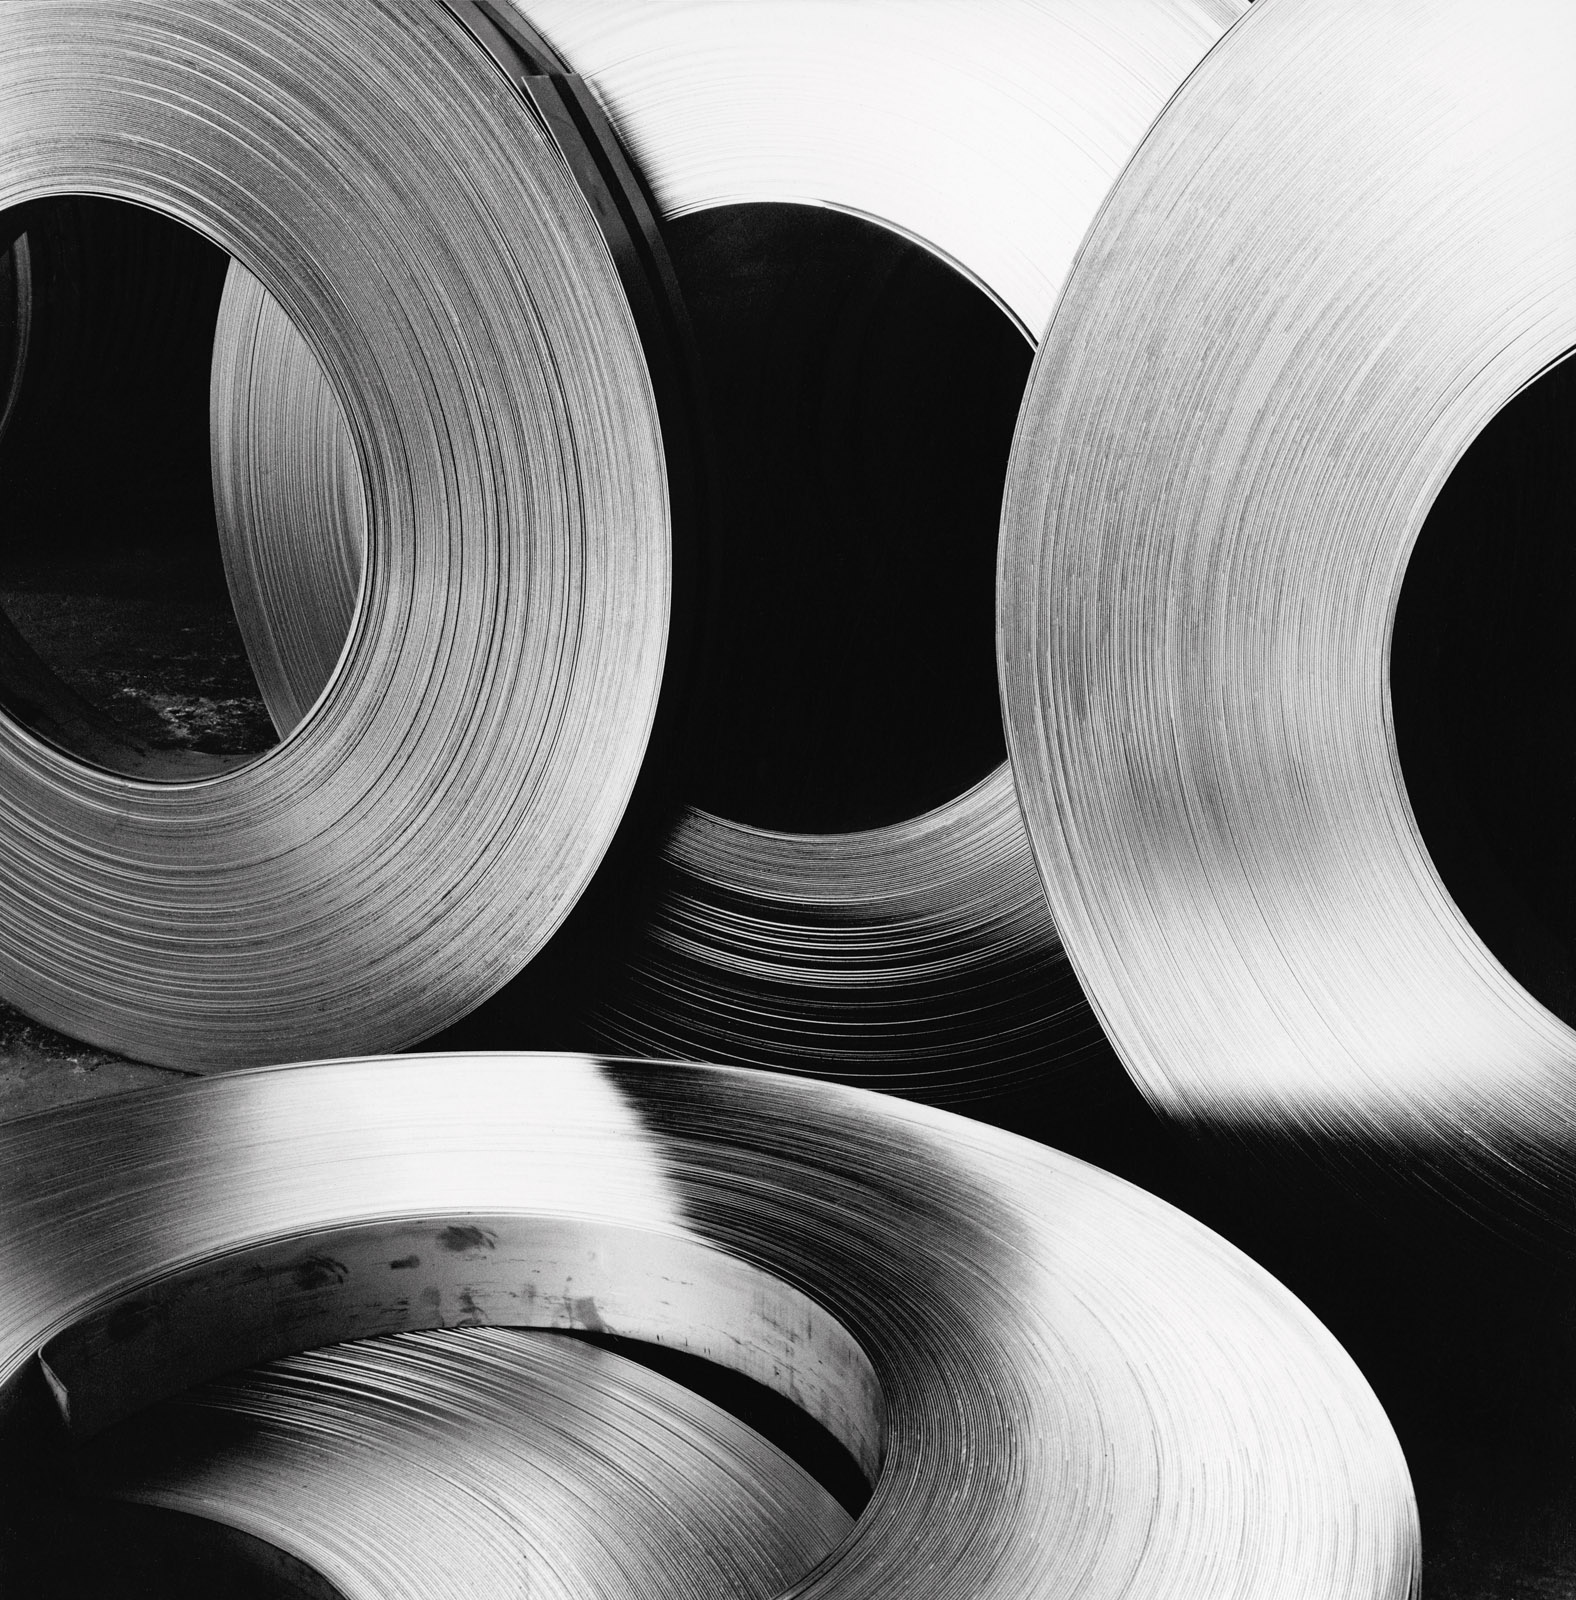 Coils di acciaio inox per la fabbricazione di tubi saldati. 1972. © Dalmine Spa. Archivio Fondazione Dalmine